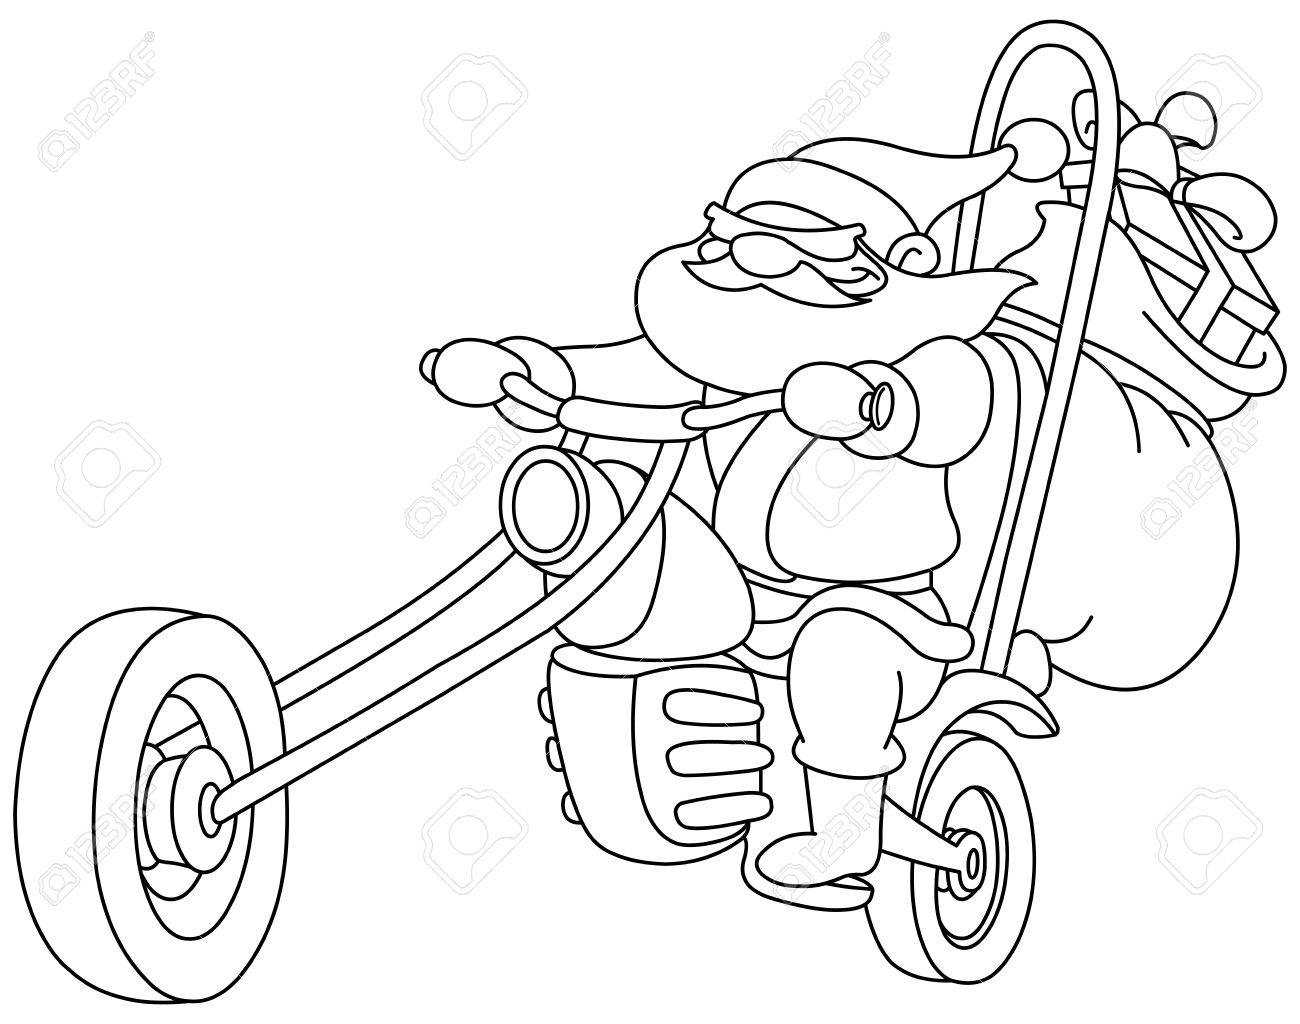 Skizziert Weihnachtsmann auf einem Motorrad Vector Illustration Malvorlagen Lizenzfreie Bilder